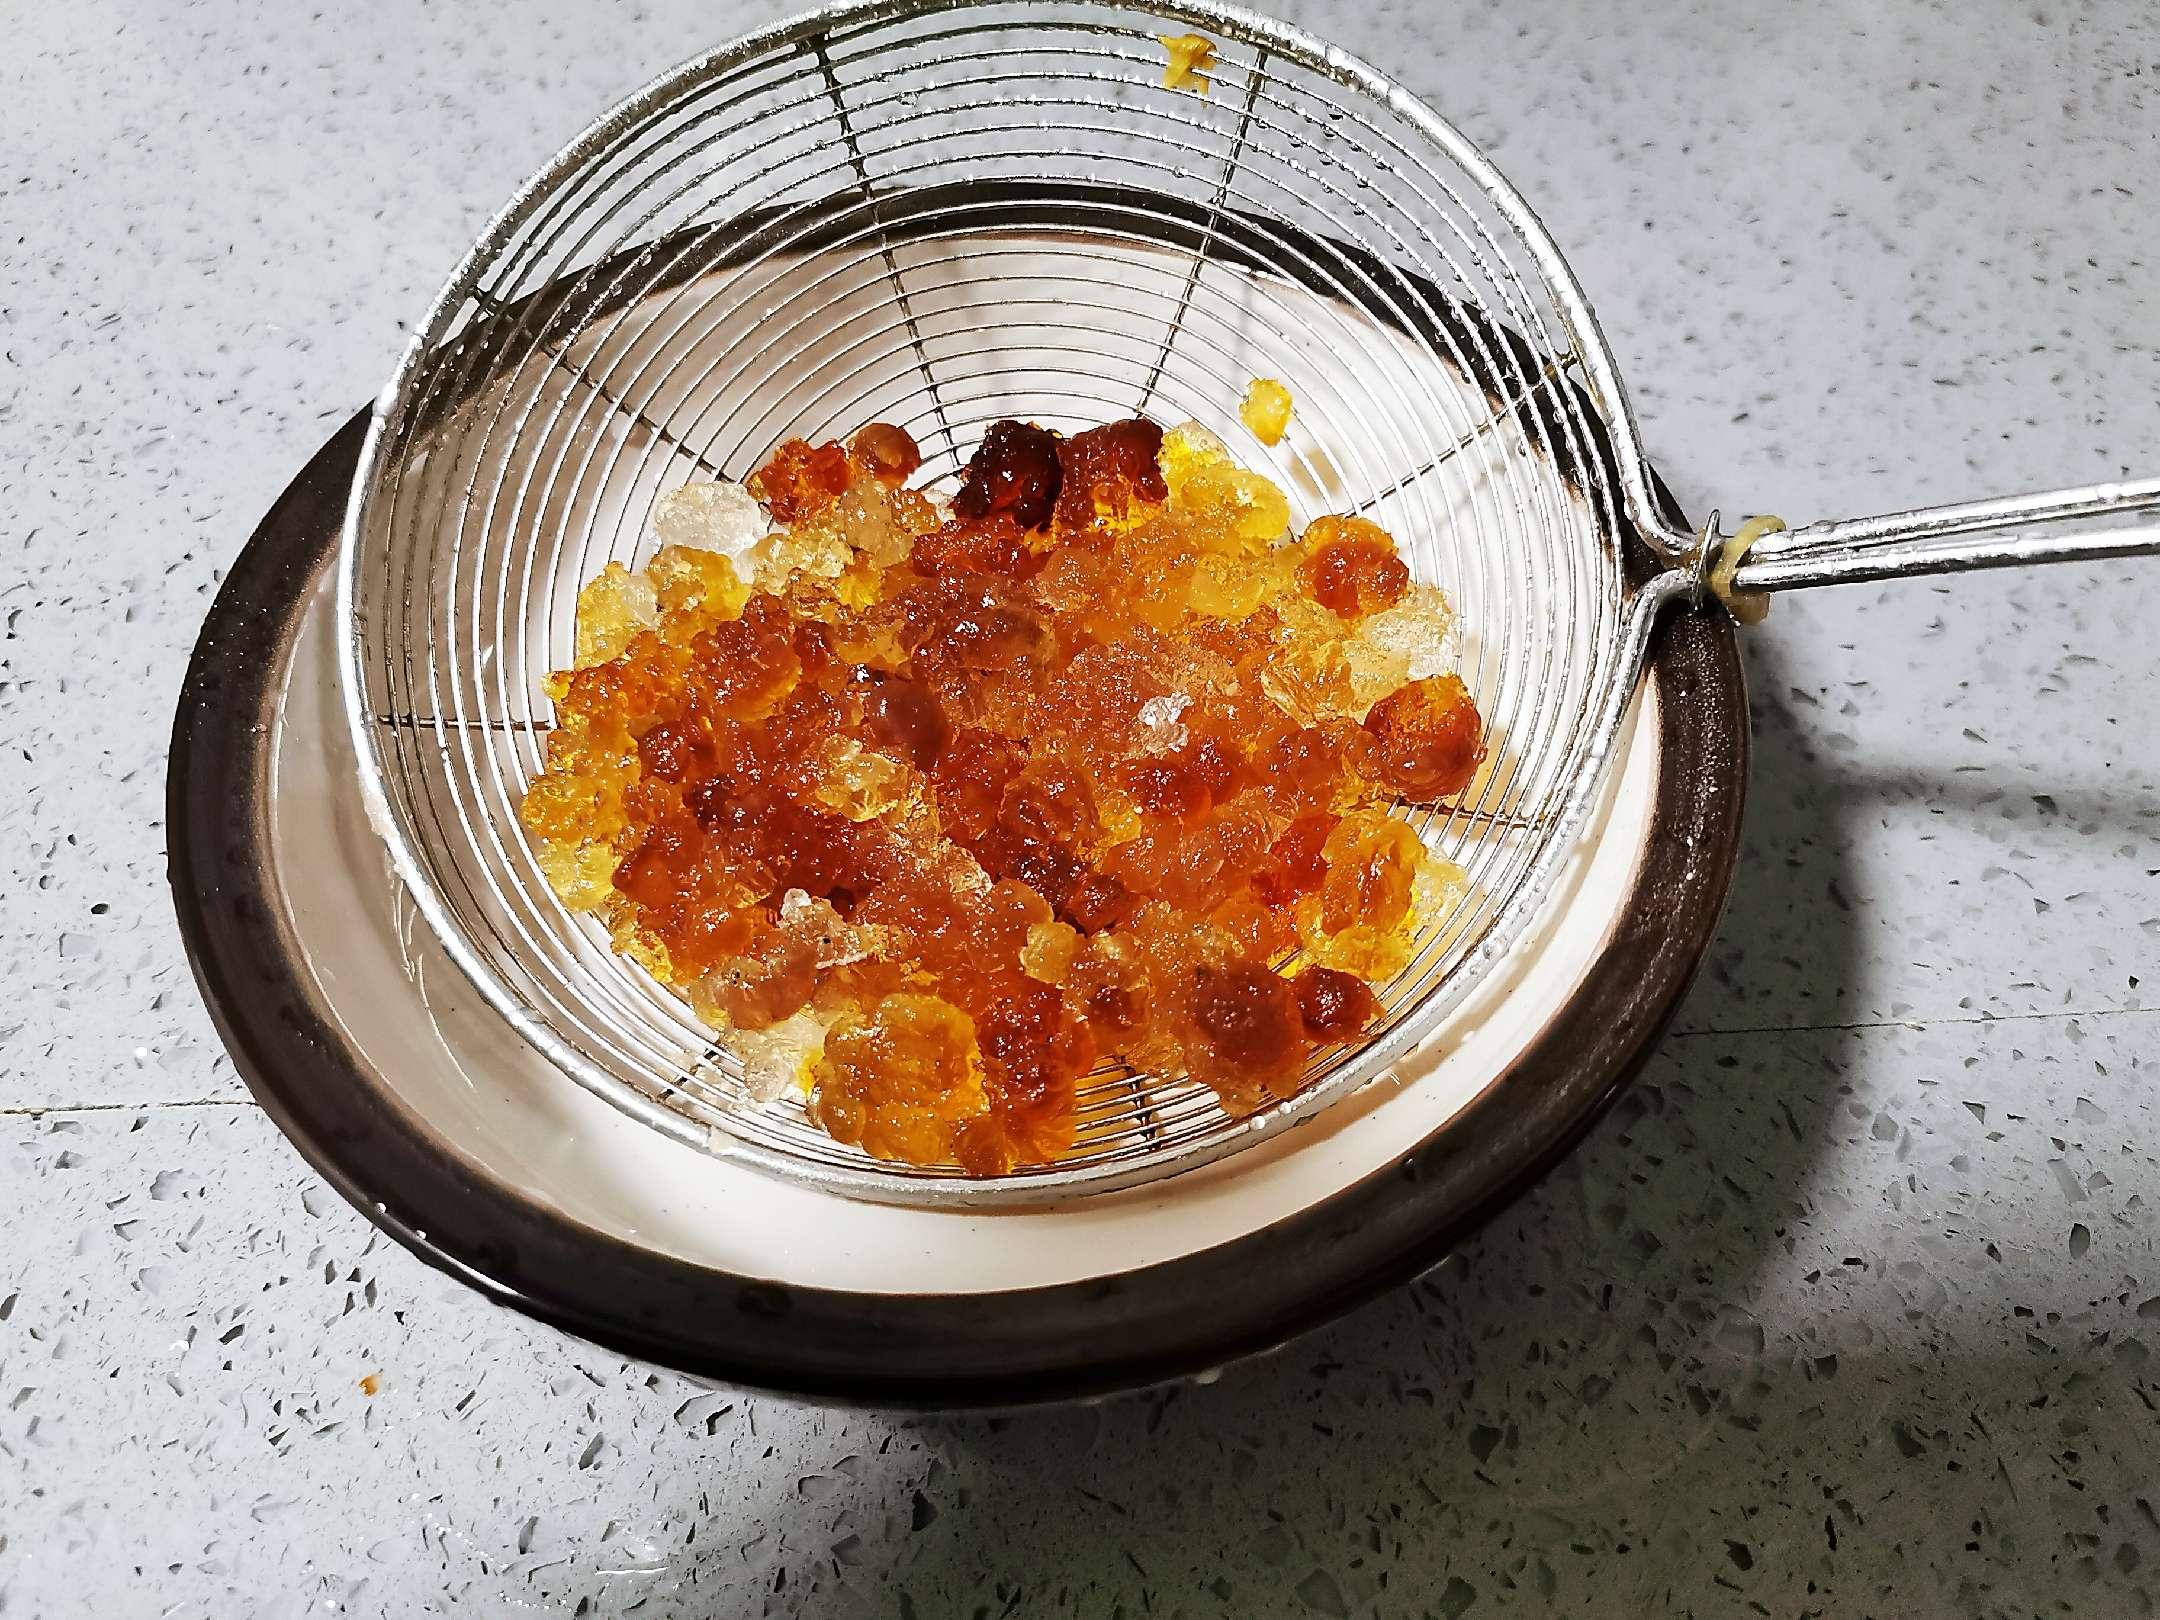 百合米粥的做法图解